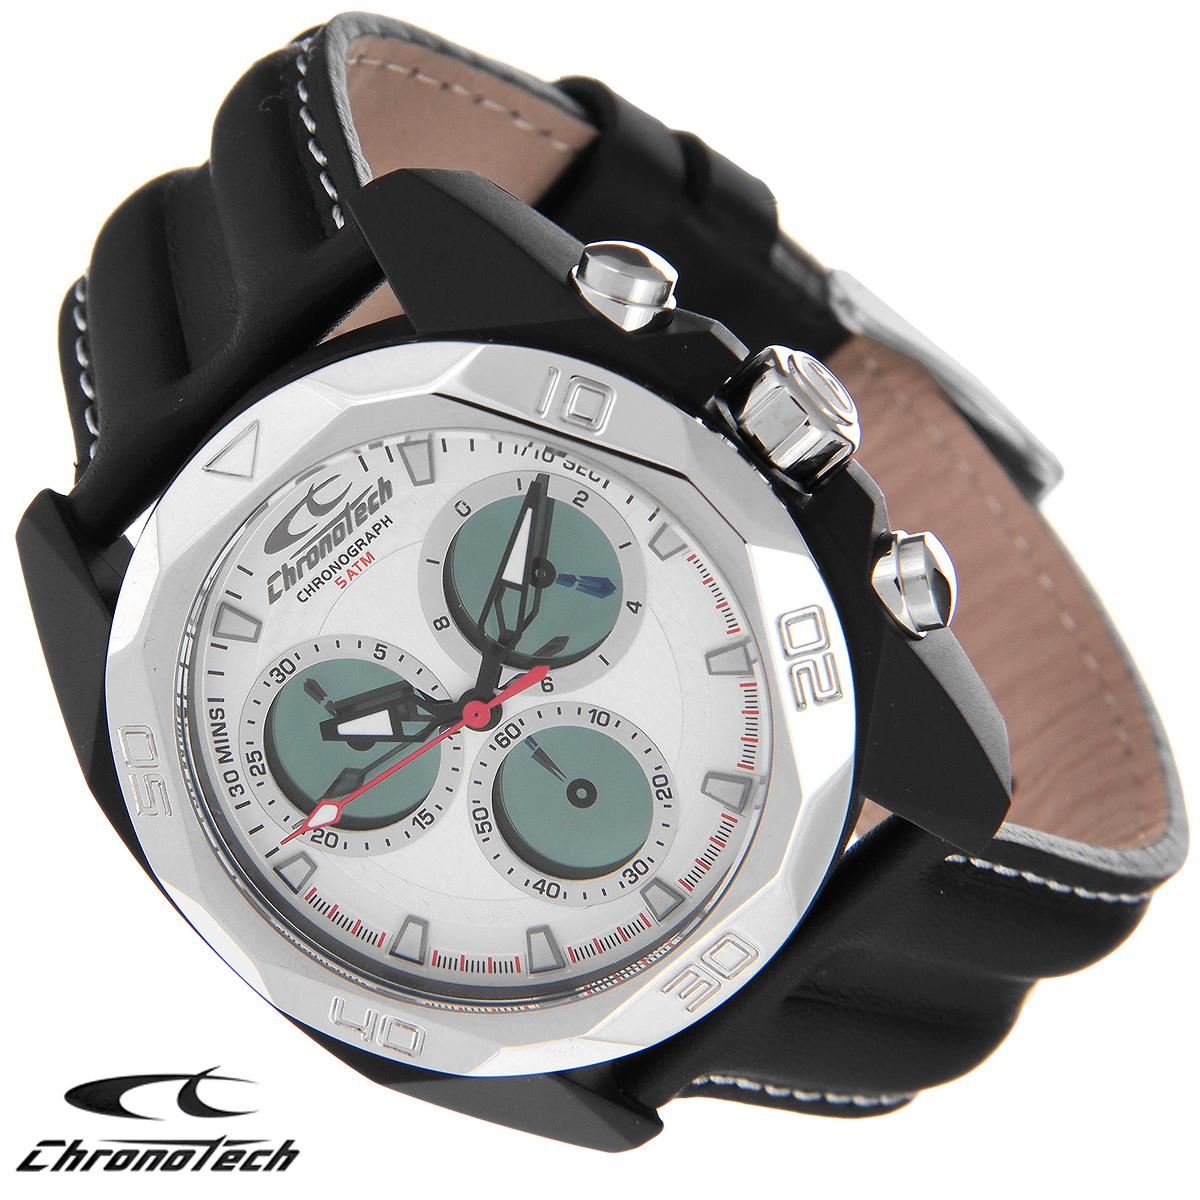 Часы мужские наручные Chronotech, цвет: черный. RW0062RW0062Часы Chronotech - это часы для современных и стильных людей, которые стремятся выделиться из толпы и подчеркнуть свою индивидуальность. Корпус часов выполнен из нержавеющей стали с IP-покрытием. Циферблат оформлен отметками и защищен минеральным стеклом. Часы имеют три стрелки - часовую, минутную и секундную. Стрелки и отметки светятся в темноте. Часы оснащены функцией хронографа и имеют секундомер. Ремешок часов выполнен из натуральной кожи с контрастной отстрочкой и застегивается на классическую застежку. Часы упакованы в фирменную коробку с логотипом компании Chronotech. Такой аксессуар добавит вашему образу стиля и подчеркнет безупречный вкус своего владельца. Характеристики: Диаметр циферблата: 3,3 см. Размер корпуса: 4,3 см х 4,8 см х 1,2 см. Длина ремешка (с корпусом): 25 см. Ширина ремешка: 2,1 см.